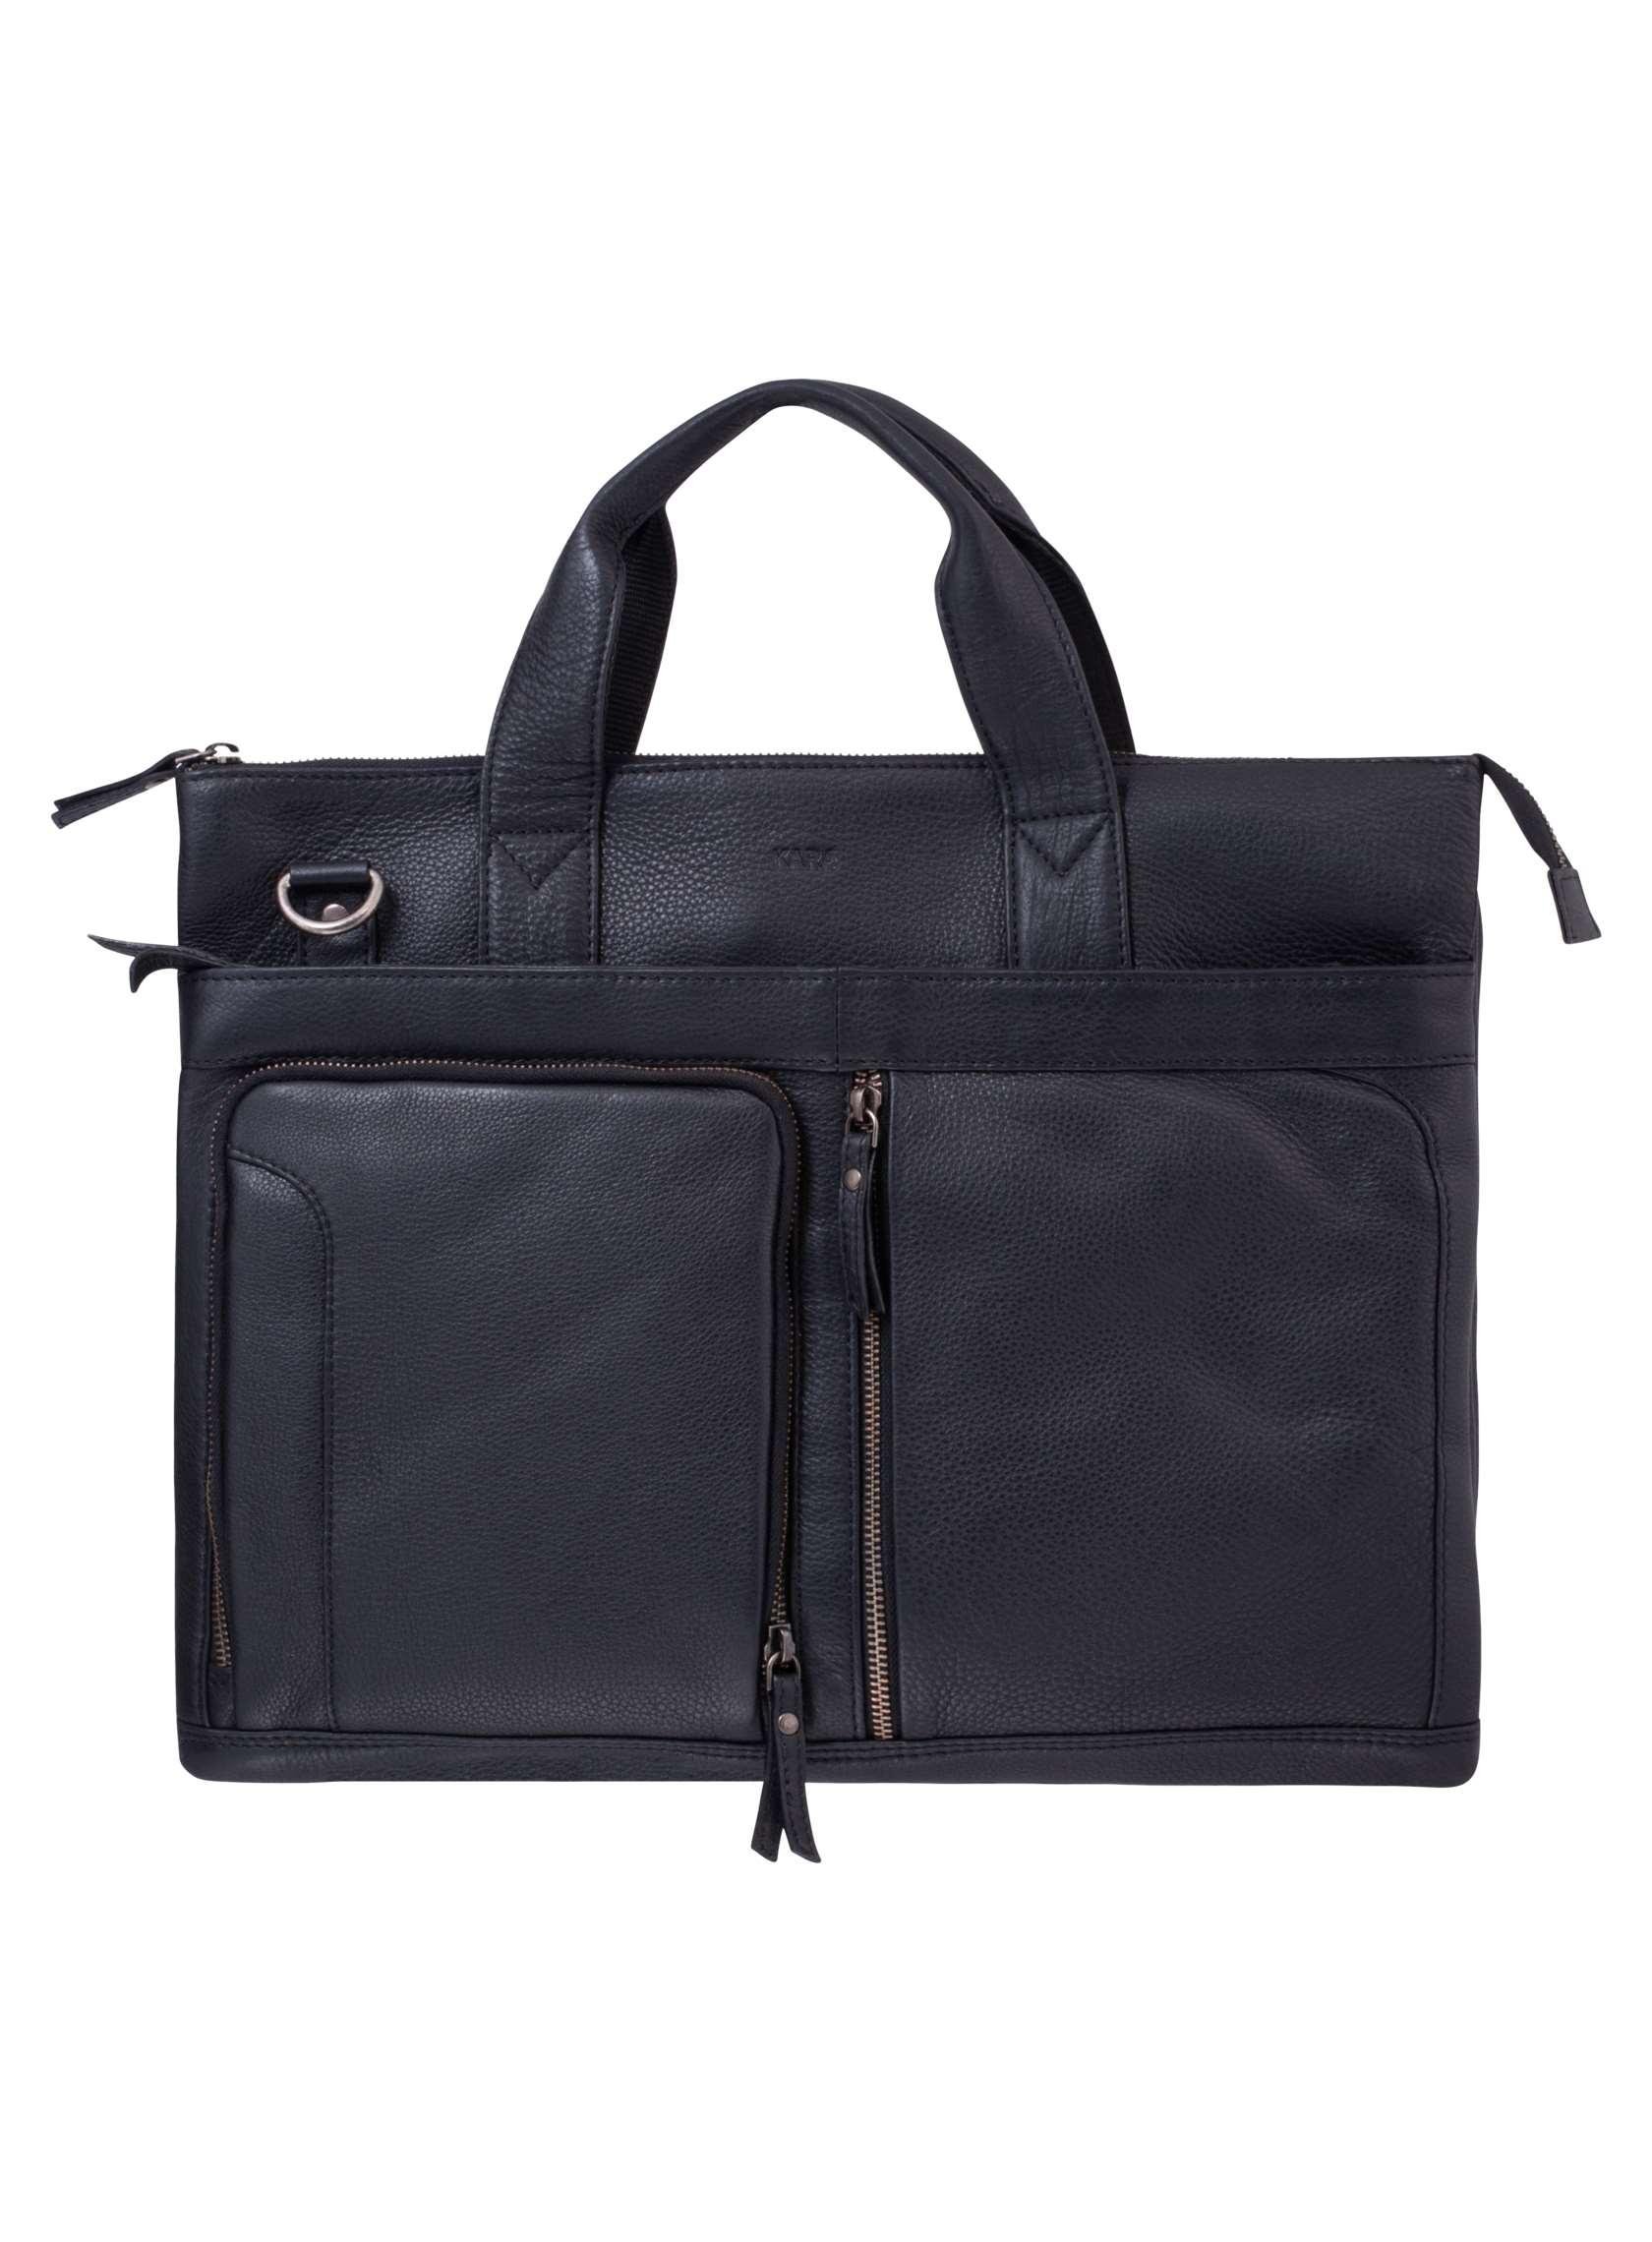 Pánská taška (C08H081) Kara - Glami.sk 2f3610390bf